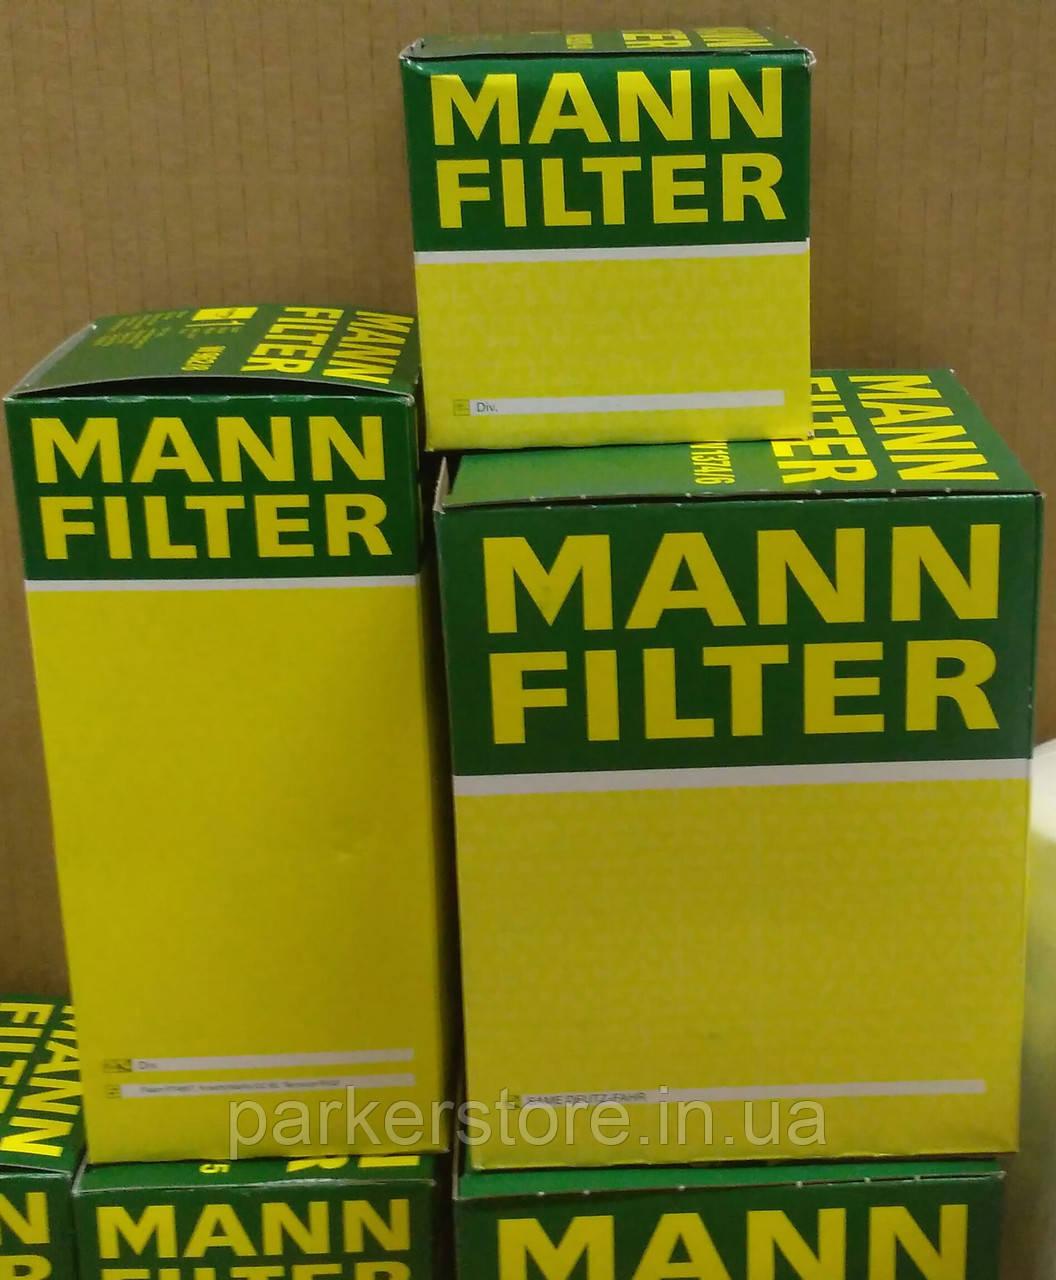 MANN FILTER / Повітряний фільтр / C 31 130 / C31130